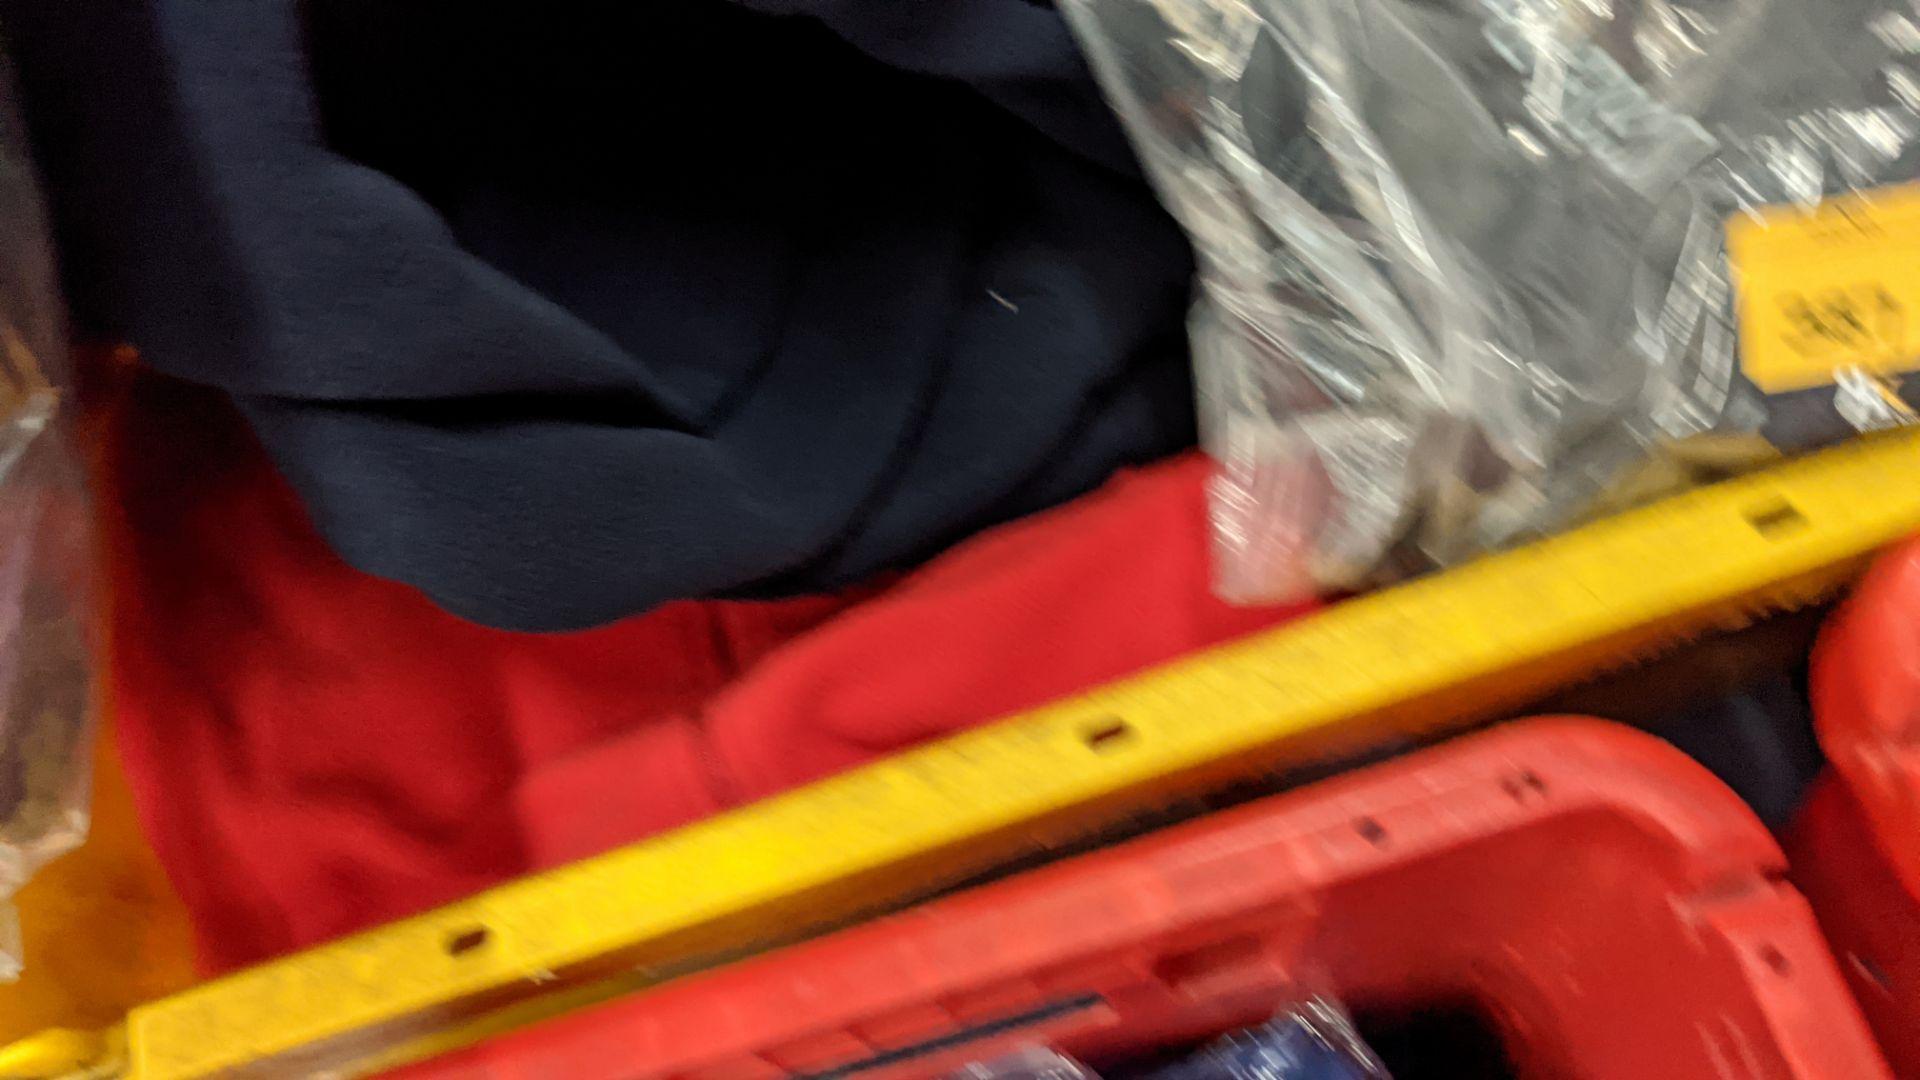 Approx 8 off assorted fleece zip up tops - Image 6 of 6